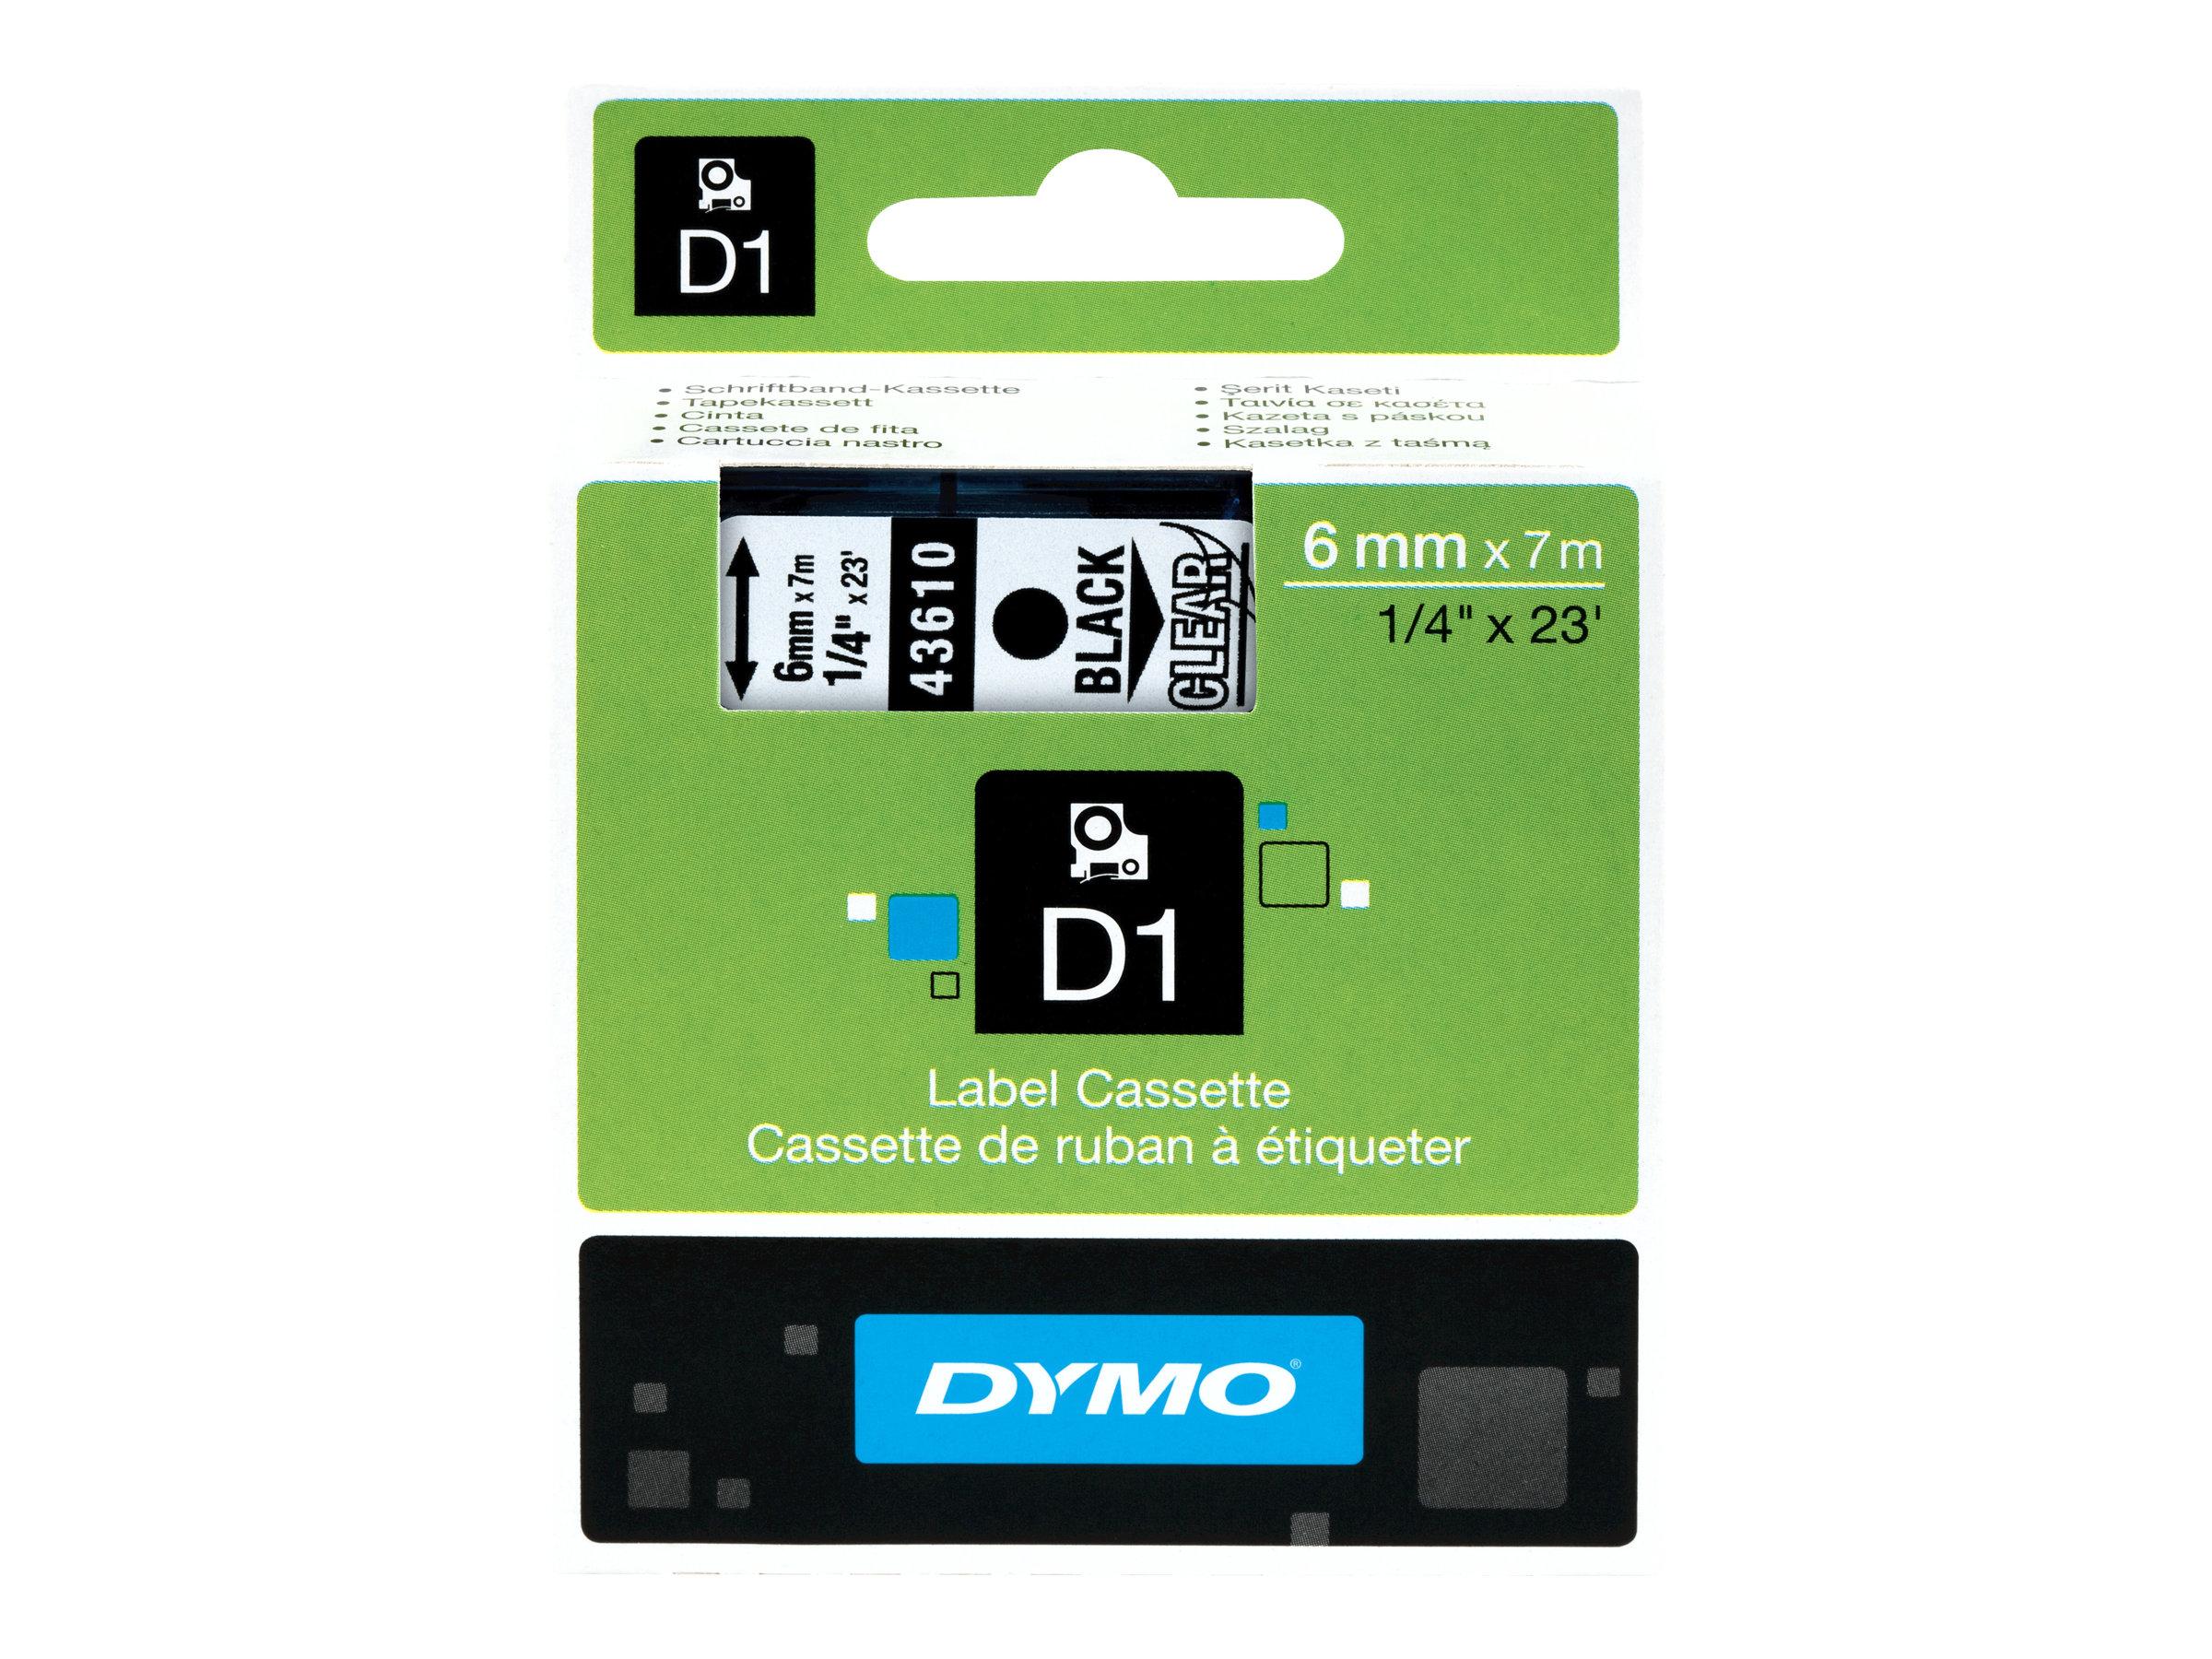 DYMO D1 - Ruban d'étiquettes brillant - 1 rouleau(x) - 6 mm - Différents coloris